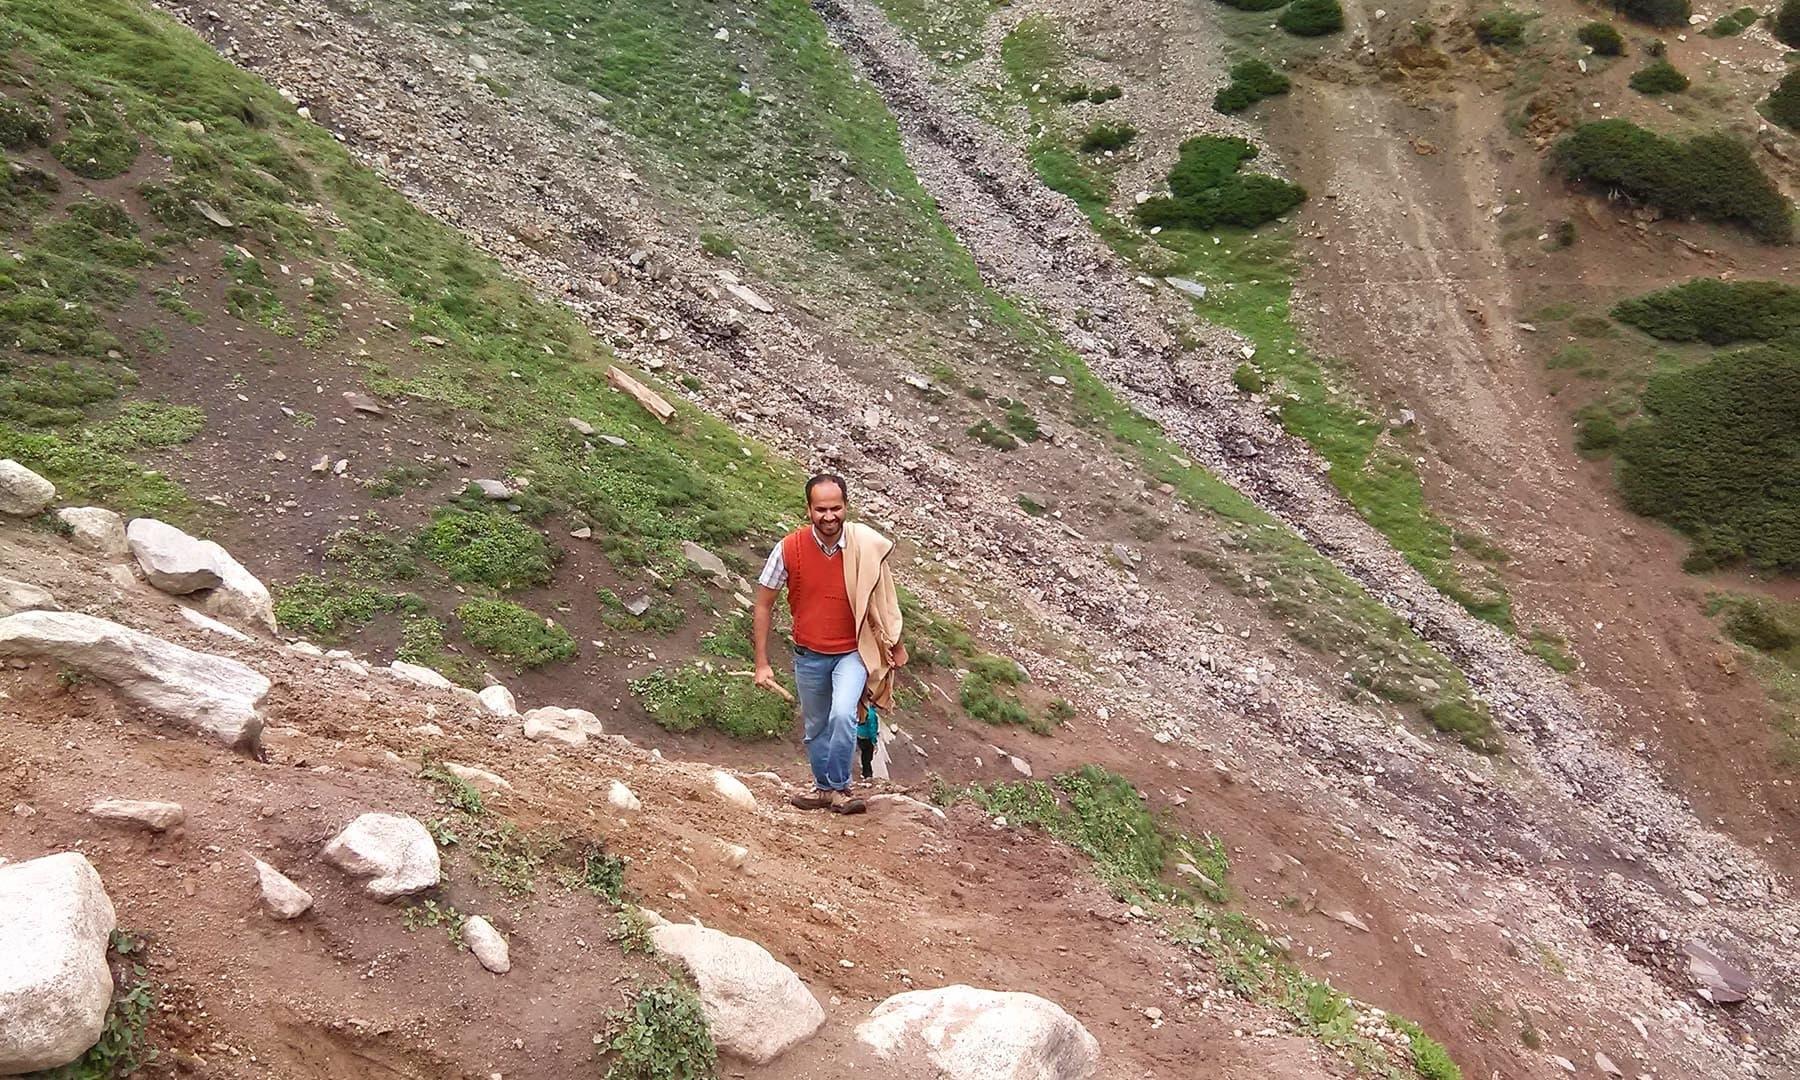 عمودی چڑھائی کی وجہ سے جلد ہی تھکاوٹ کے شکار ہوگئے—تصویر عظمت اکبر